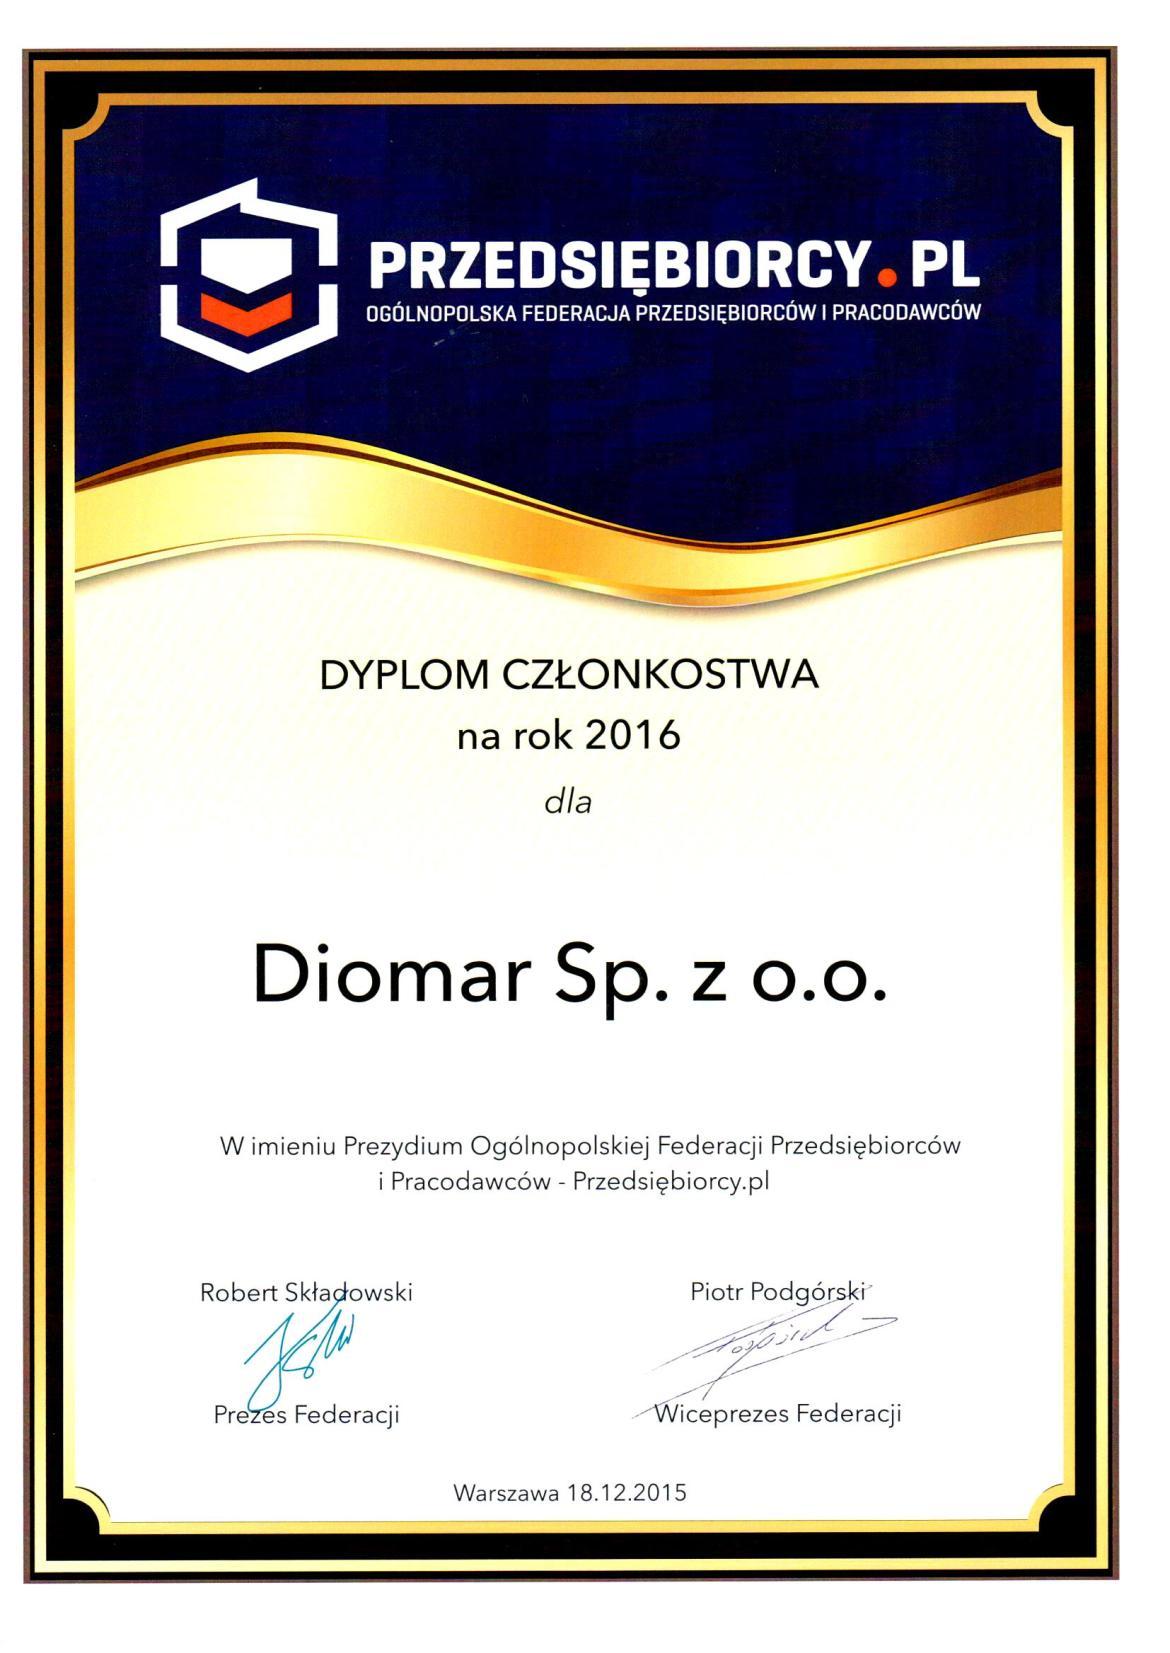 Certyfikat-2015-12-18-PrzedsiebiorcyPL-Czlonkostwo2016